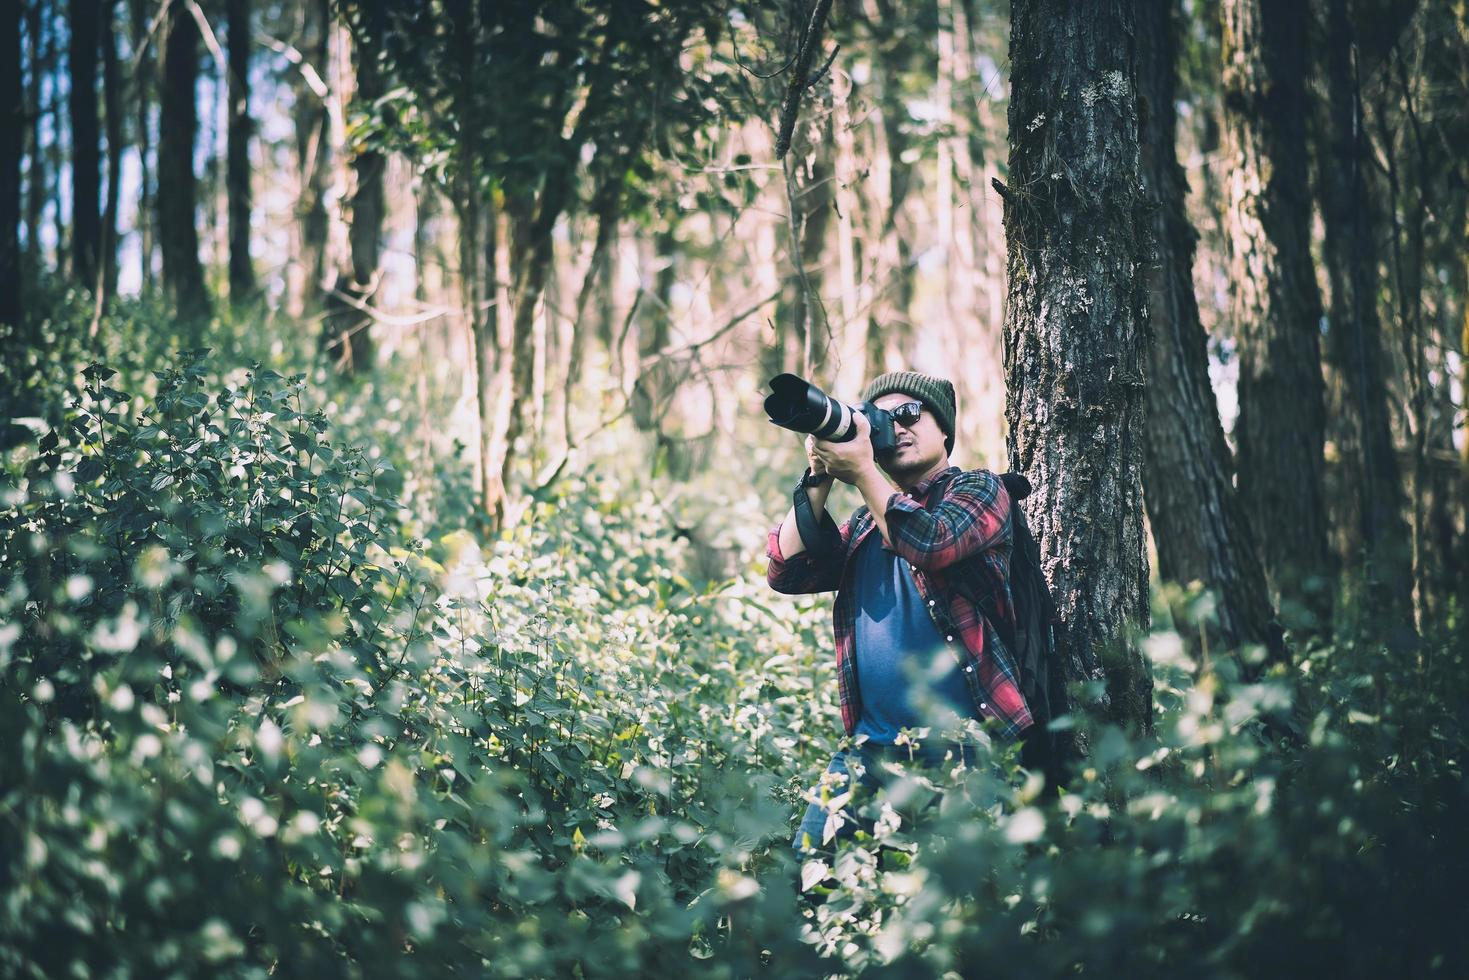 giovane fotografo che scatta foto nella foresta